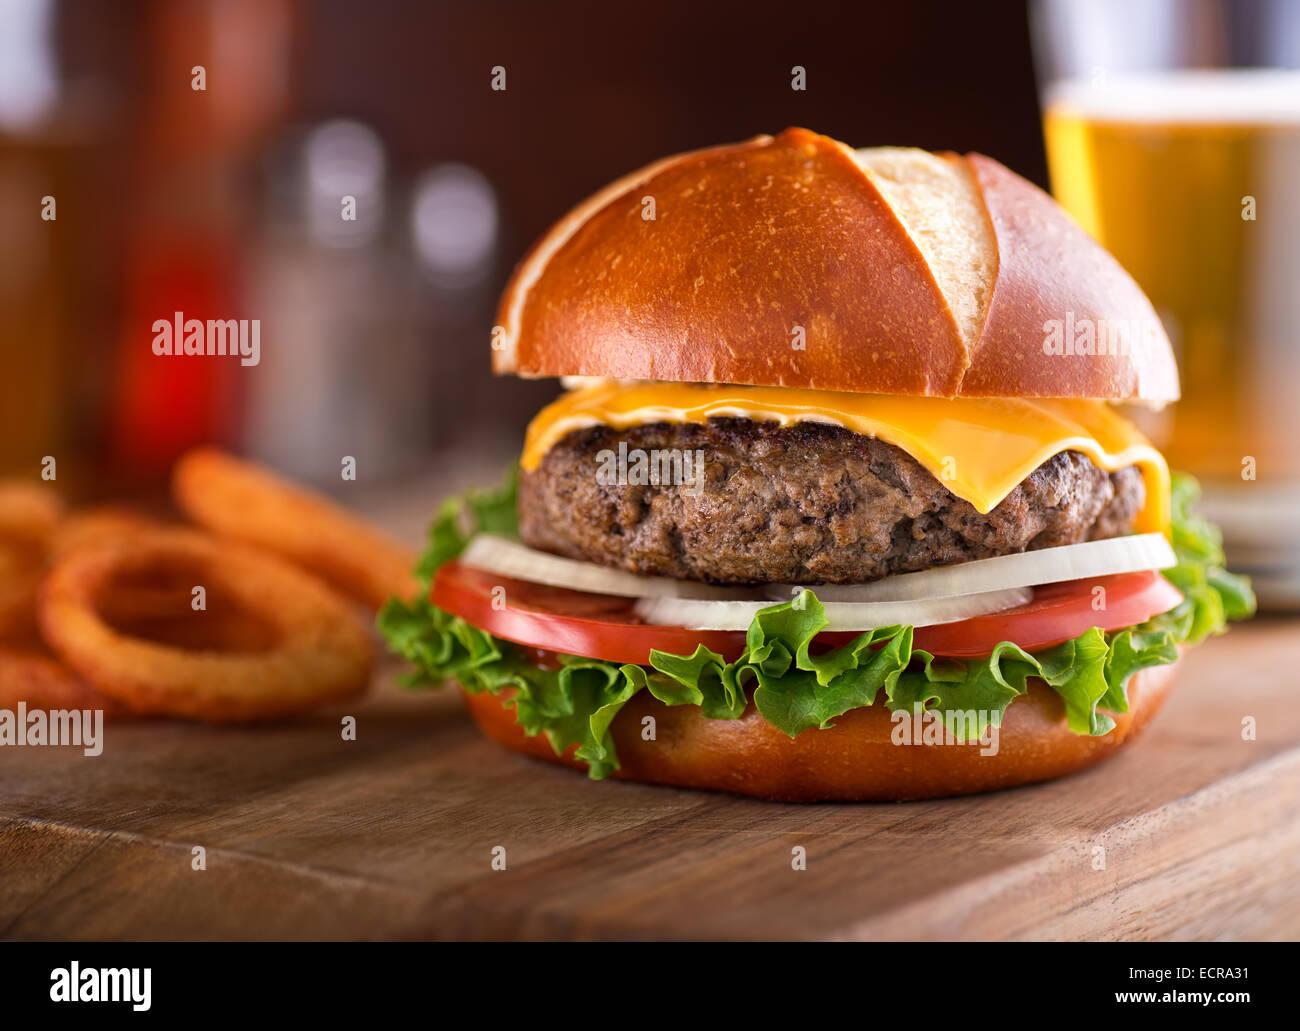 Un délicieux cheeseburger gastronomique sur un pretzel bun avec laitue, l'oignon et la tomate. Photo Stock